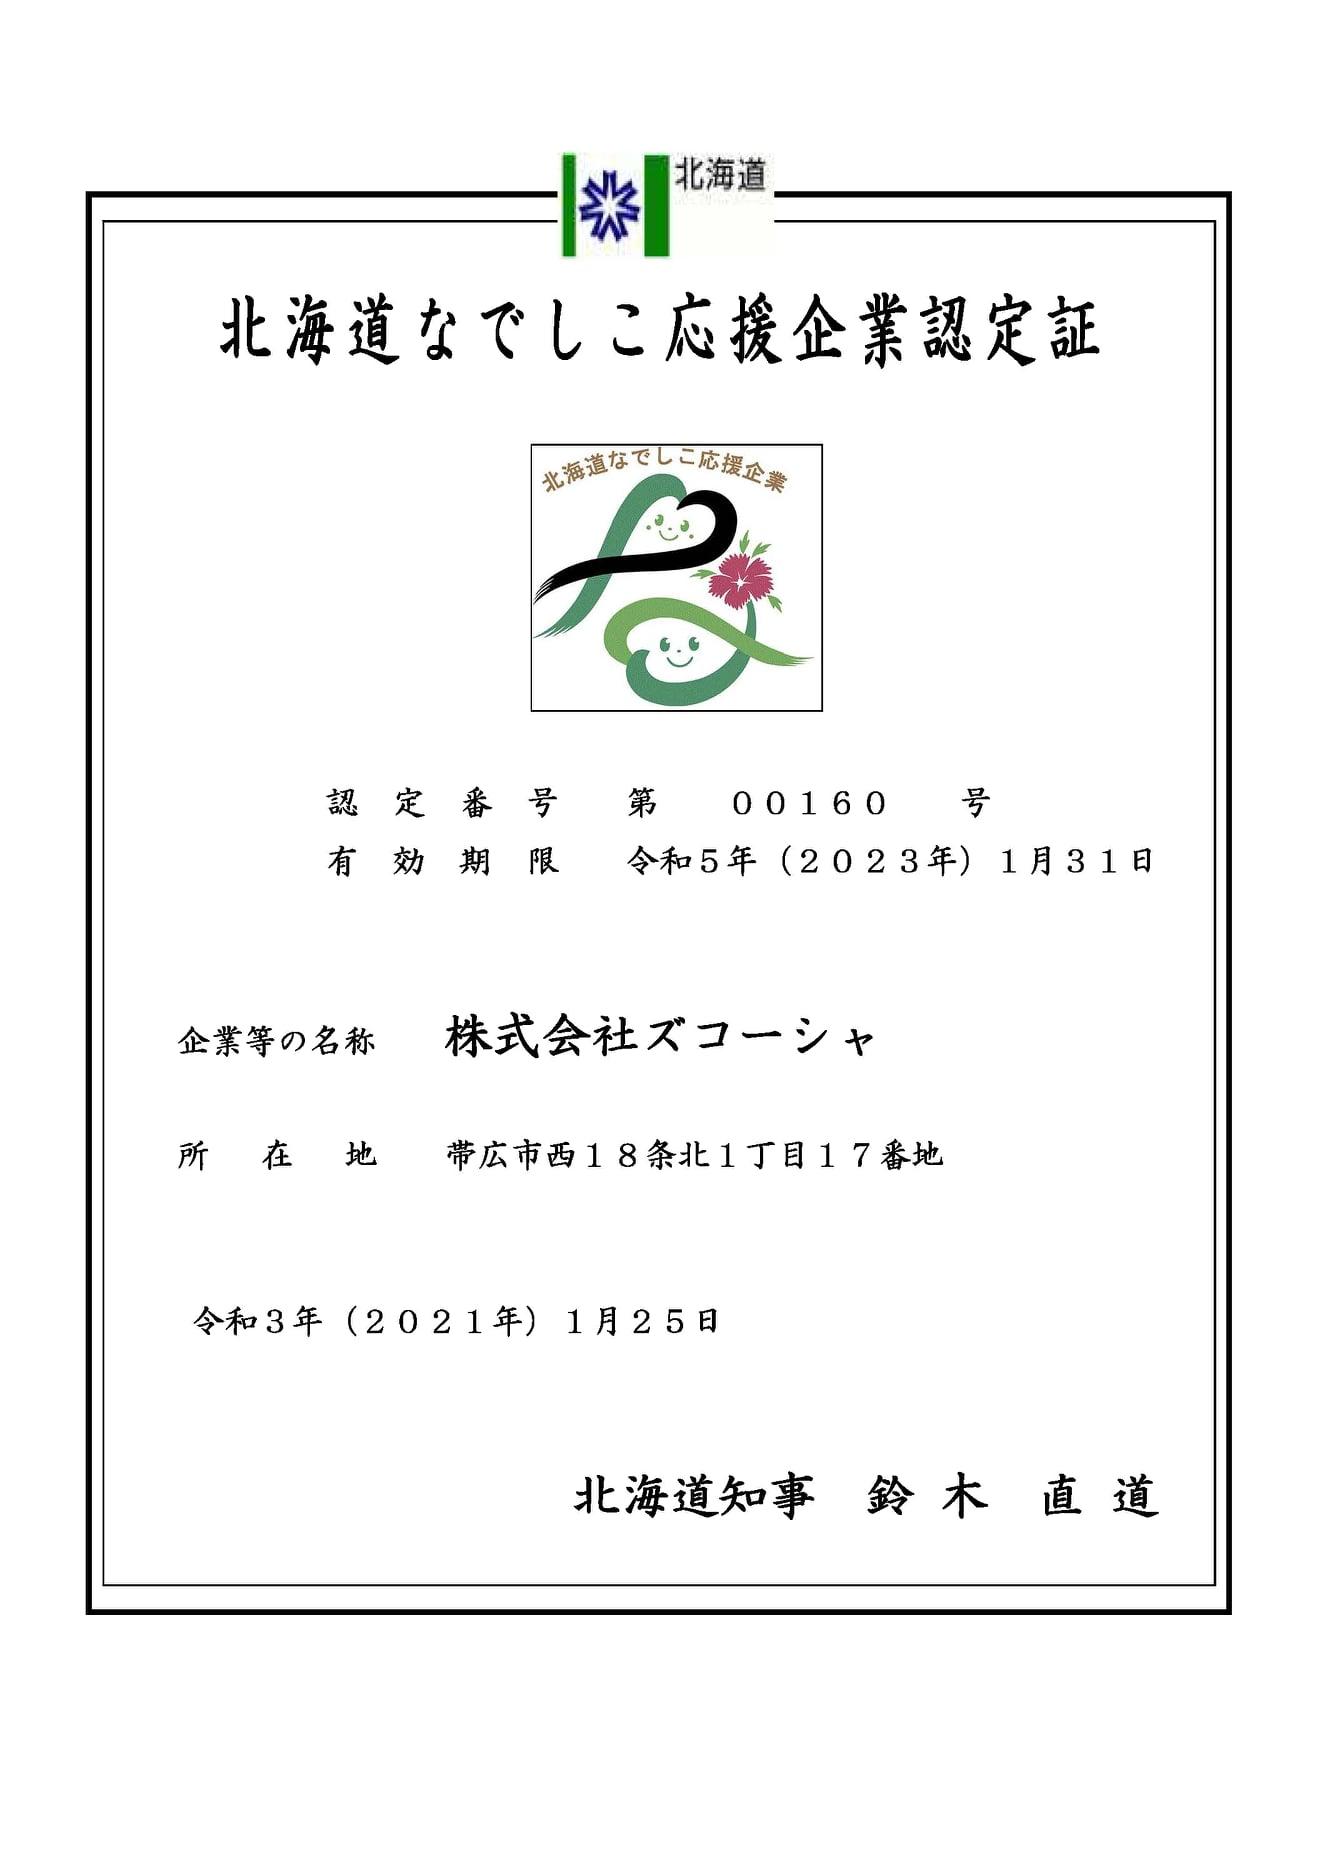 北海道なでしこ応援企業認定証